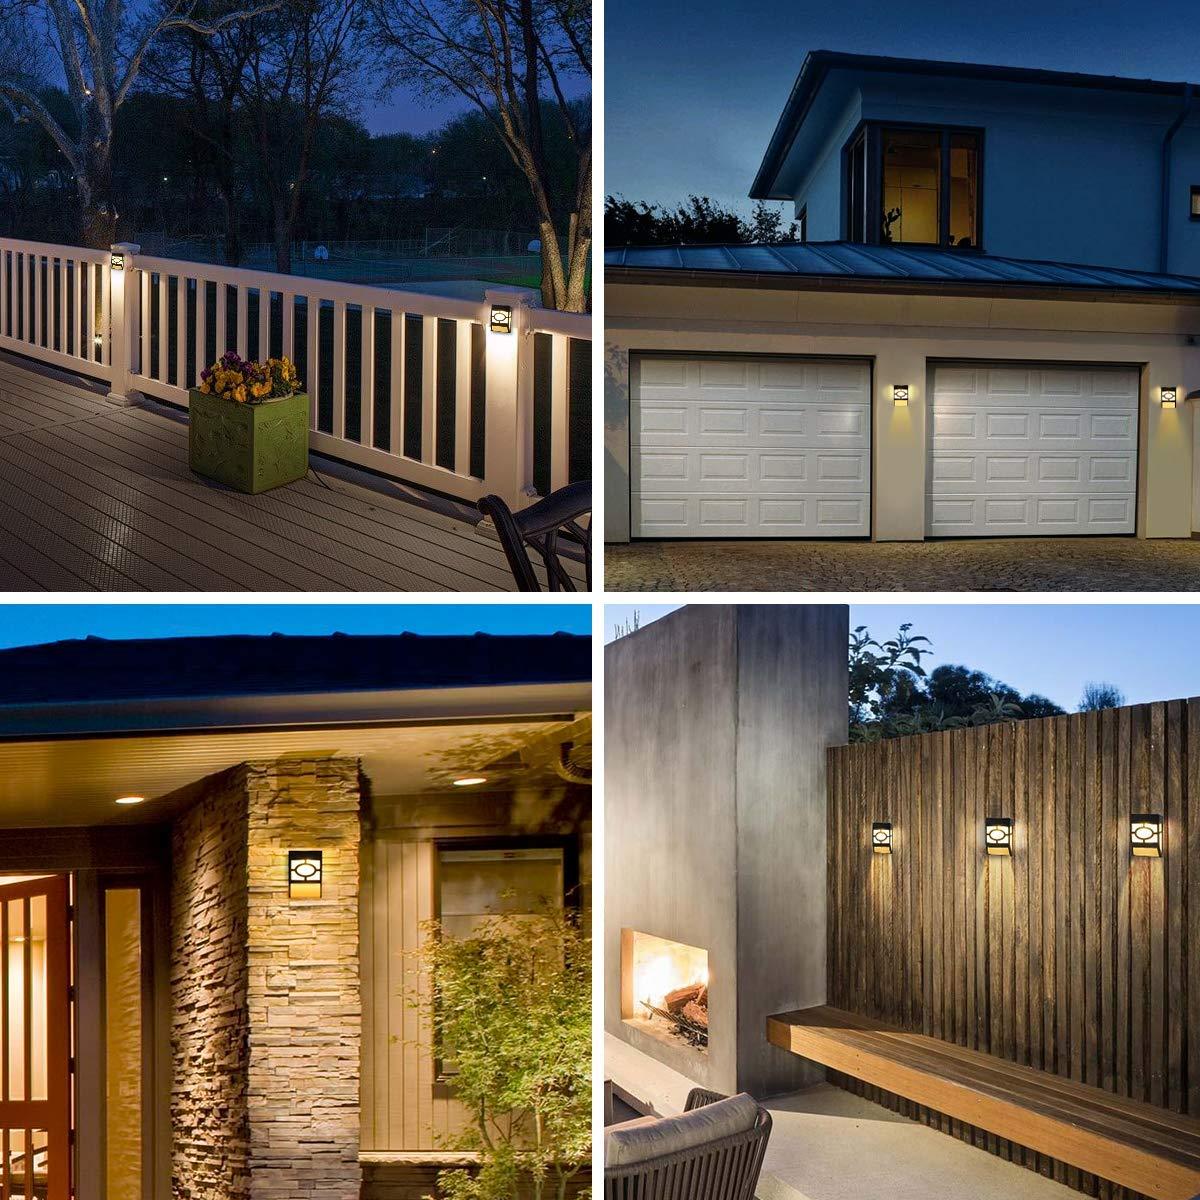 luces solares para el porche